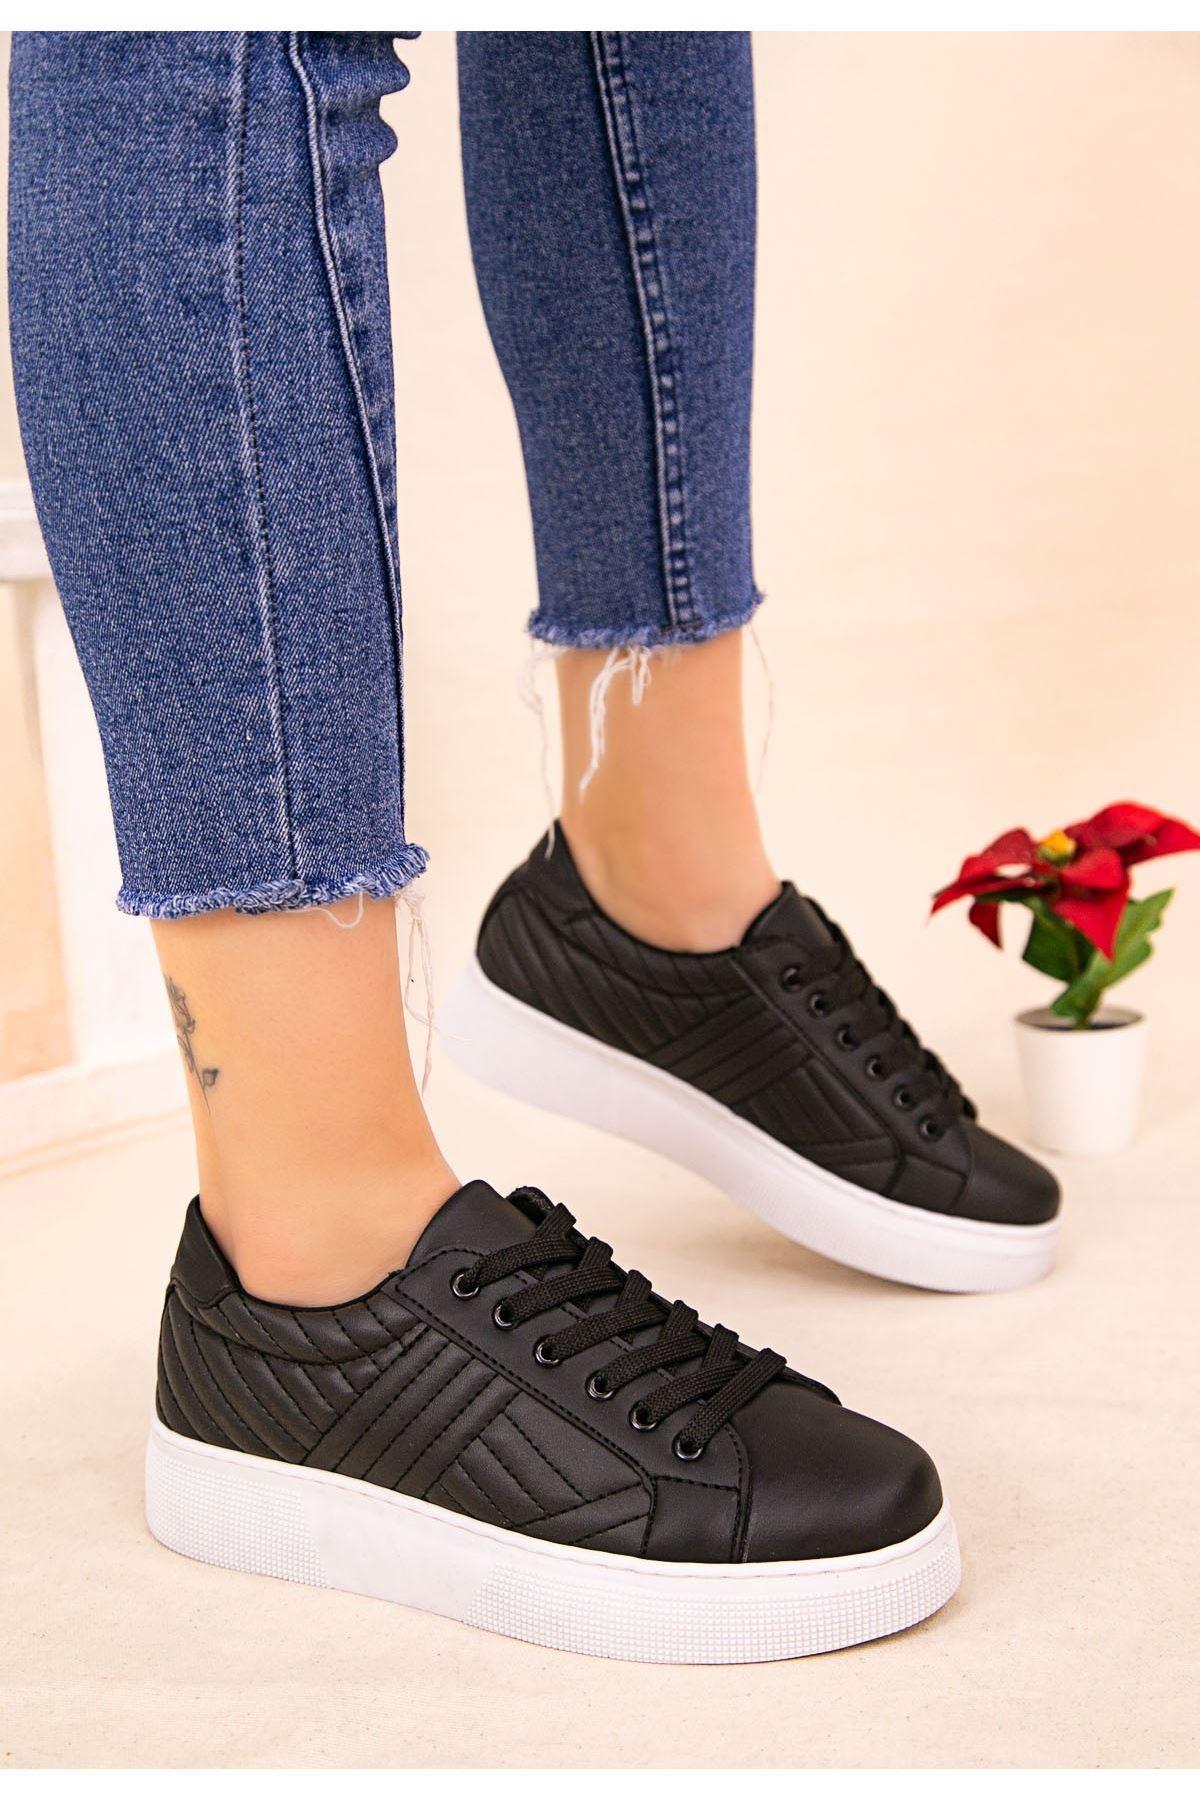 Vika Siyah Cilt Beyaz Tabanlı Bağcıklı Spor Ayakkabı